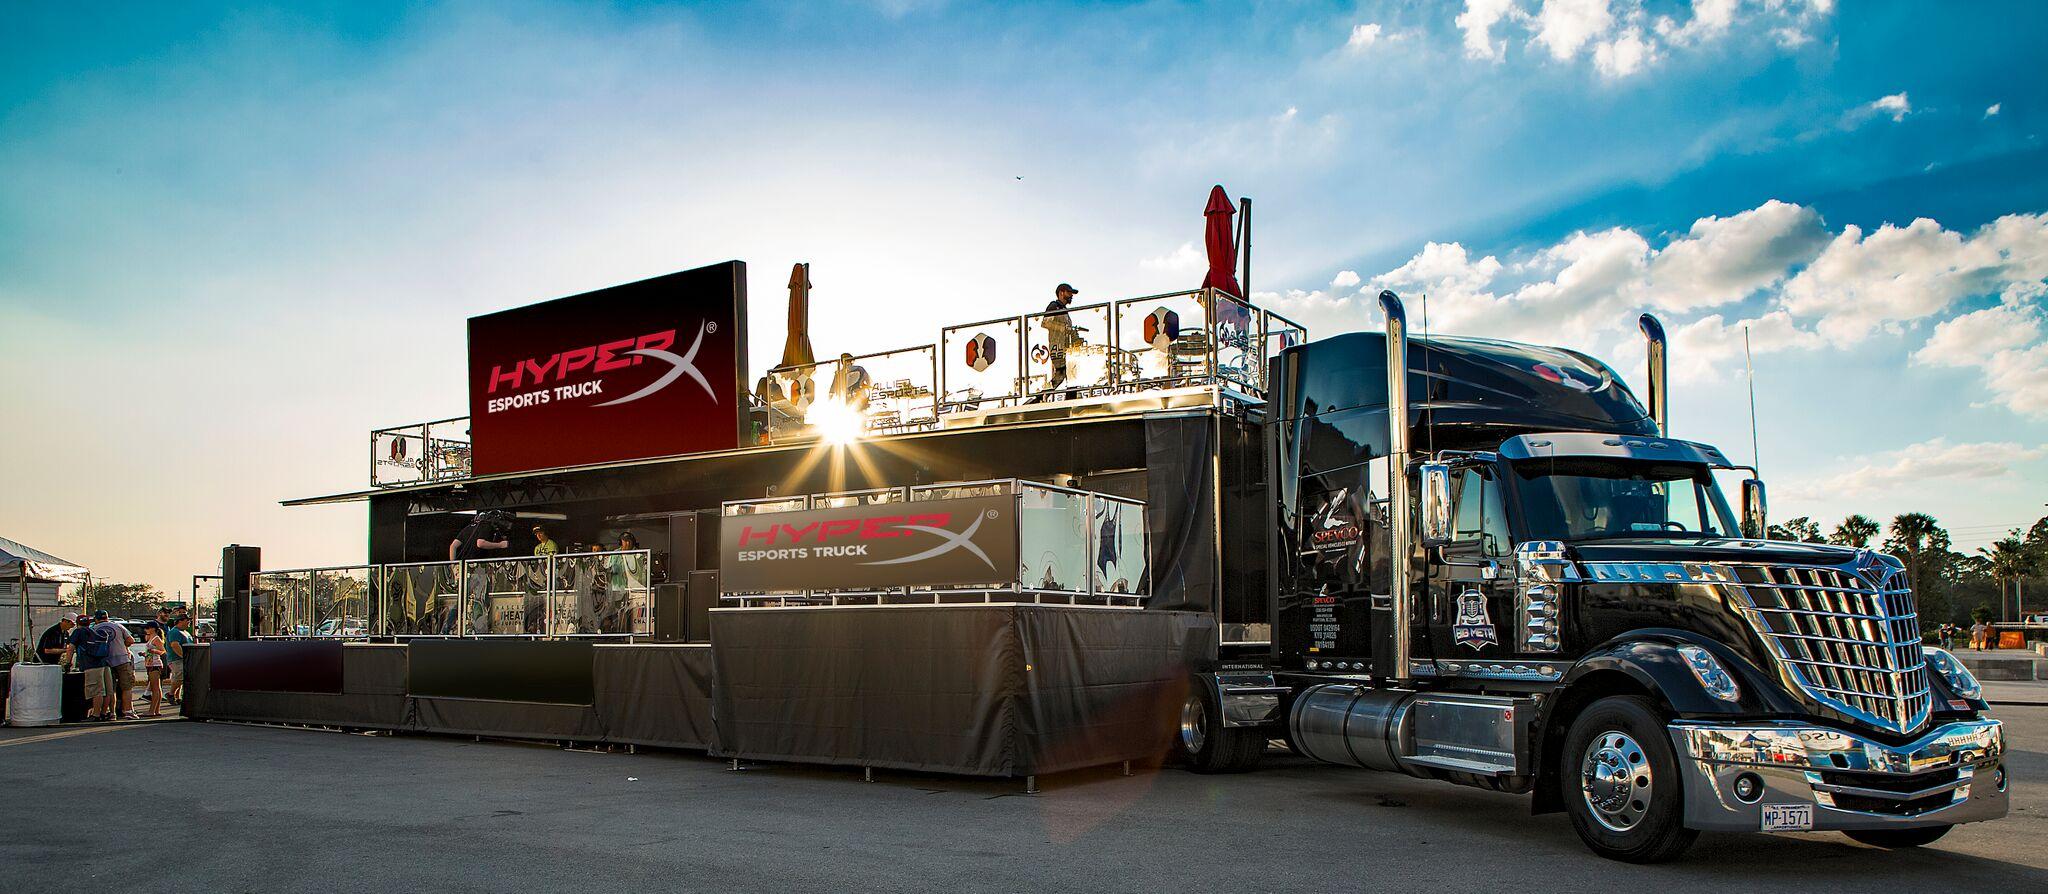 HyperX presente en la CES 2019 con el primer Mobile Esports Truck